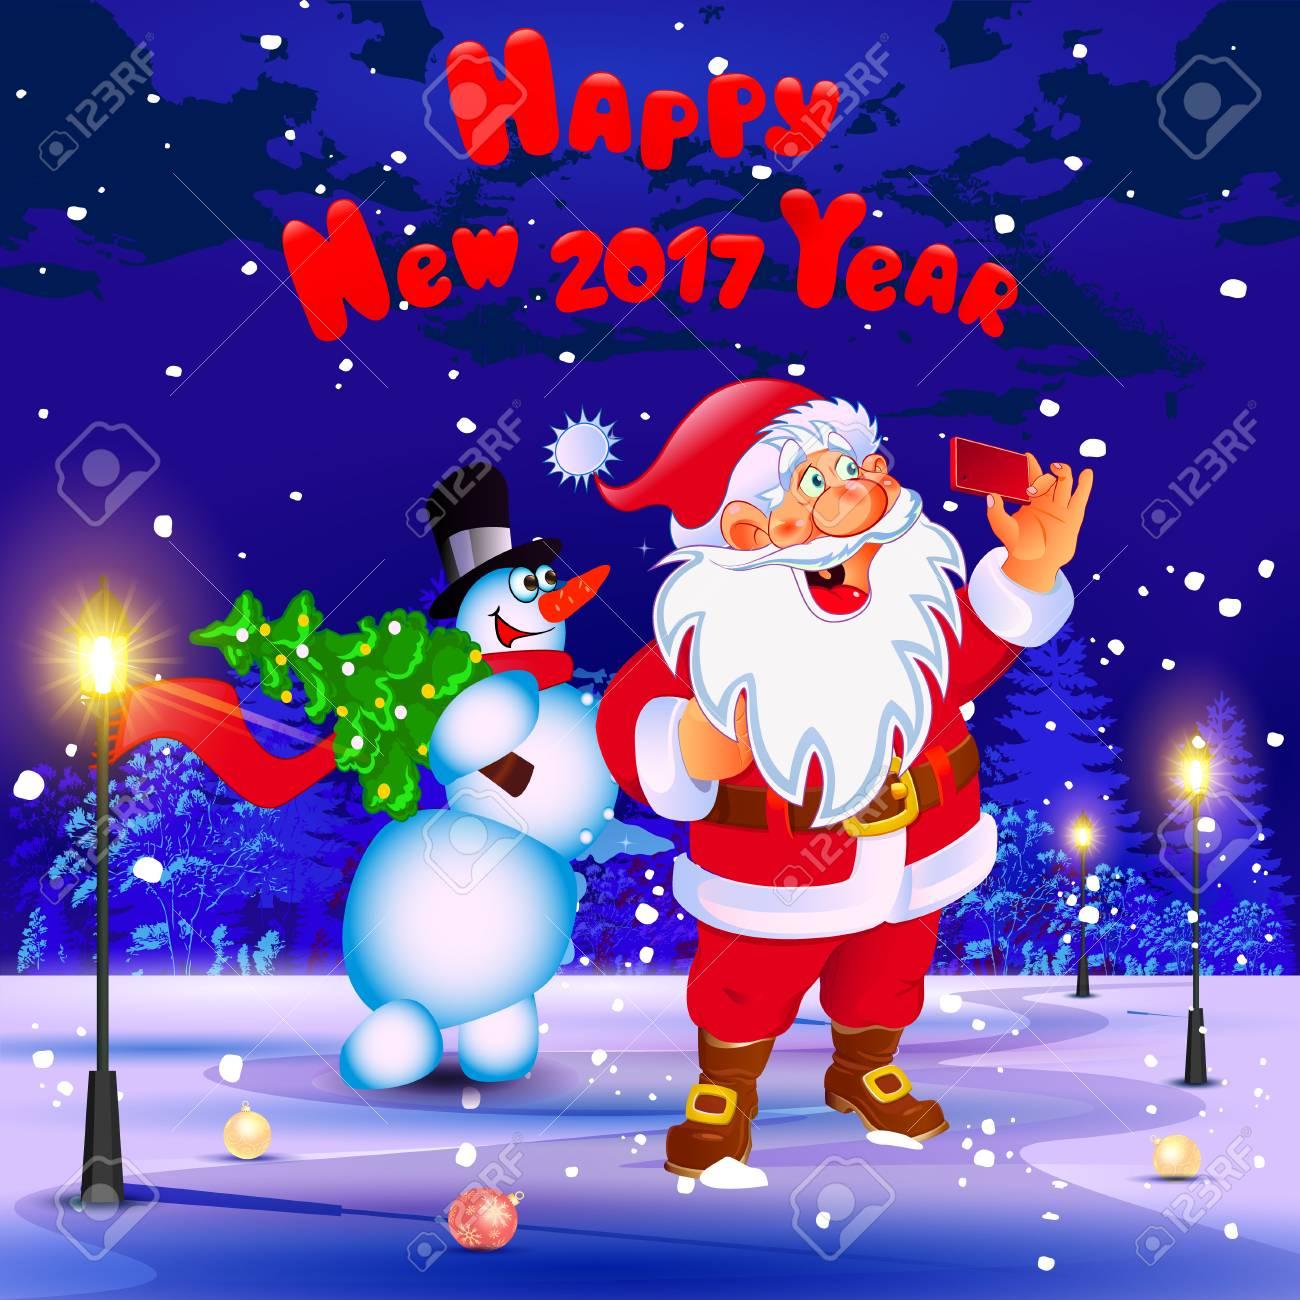 Frohes Neues Jahr. Glückwunsch. Weihnachtsmann Und Schneemann Machen ...